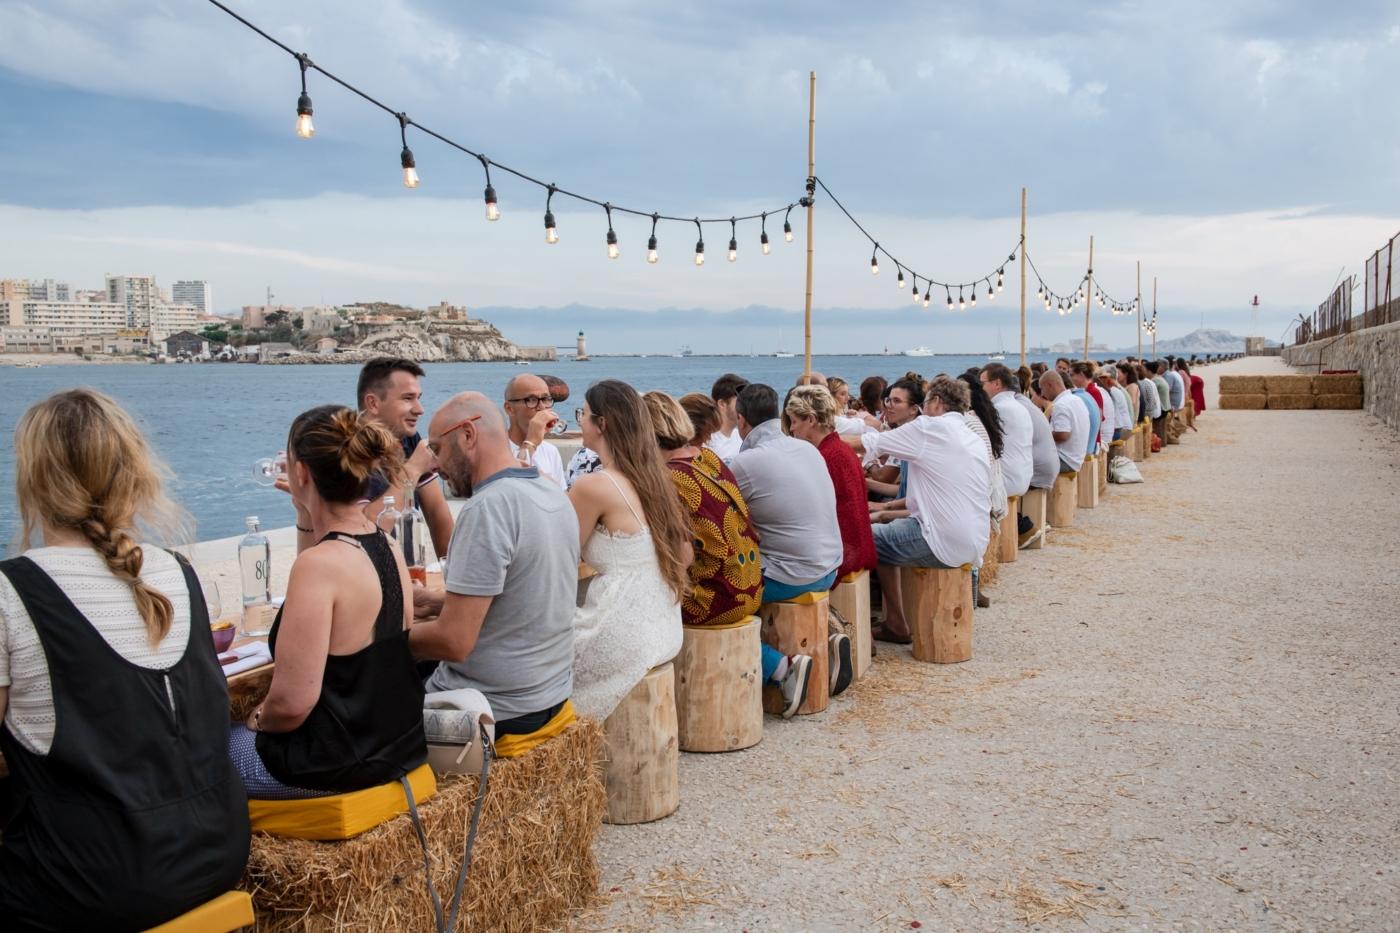 , Dîners insolites : Des banquets gastronomiques dans des lieux exceptionnels en Provence, Made in Marseille